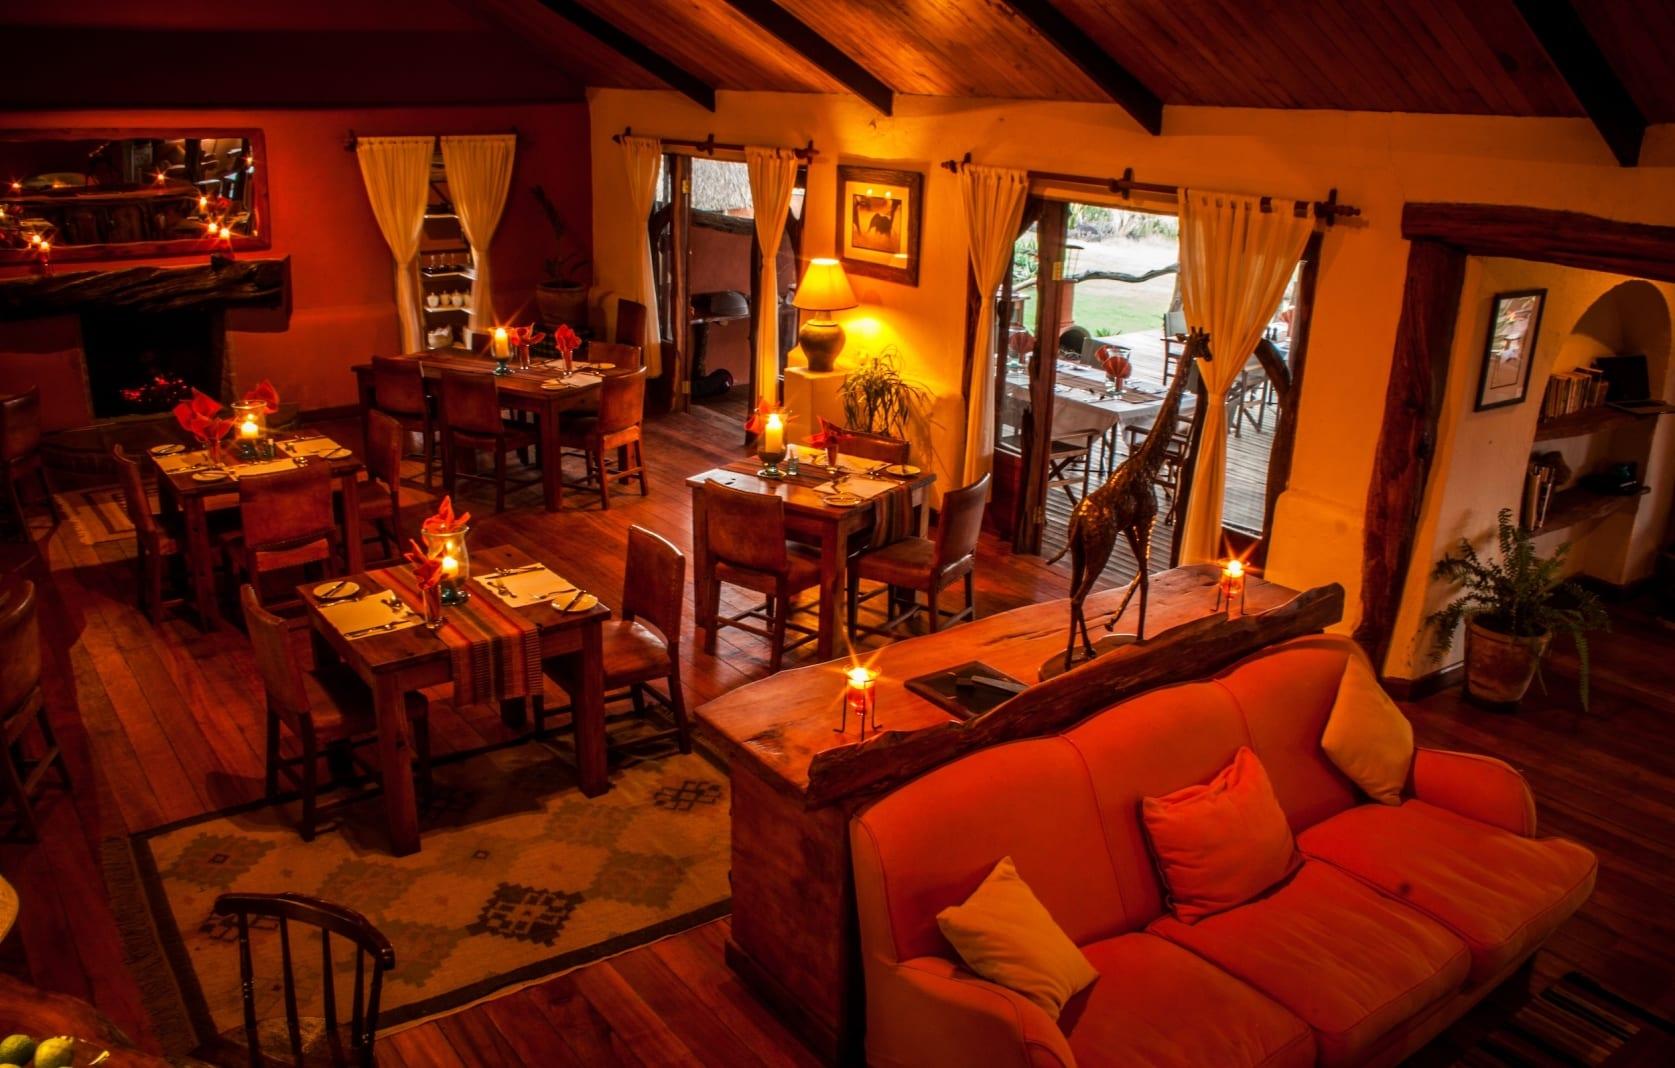 Elewana Lewa Safari Camp Main Area